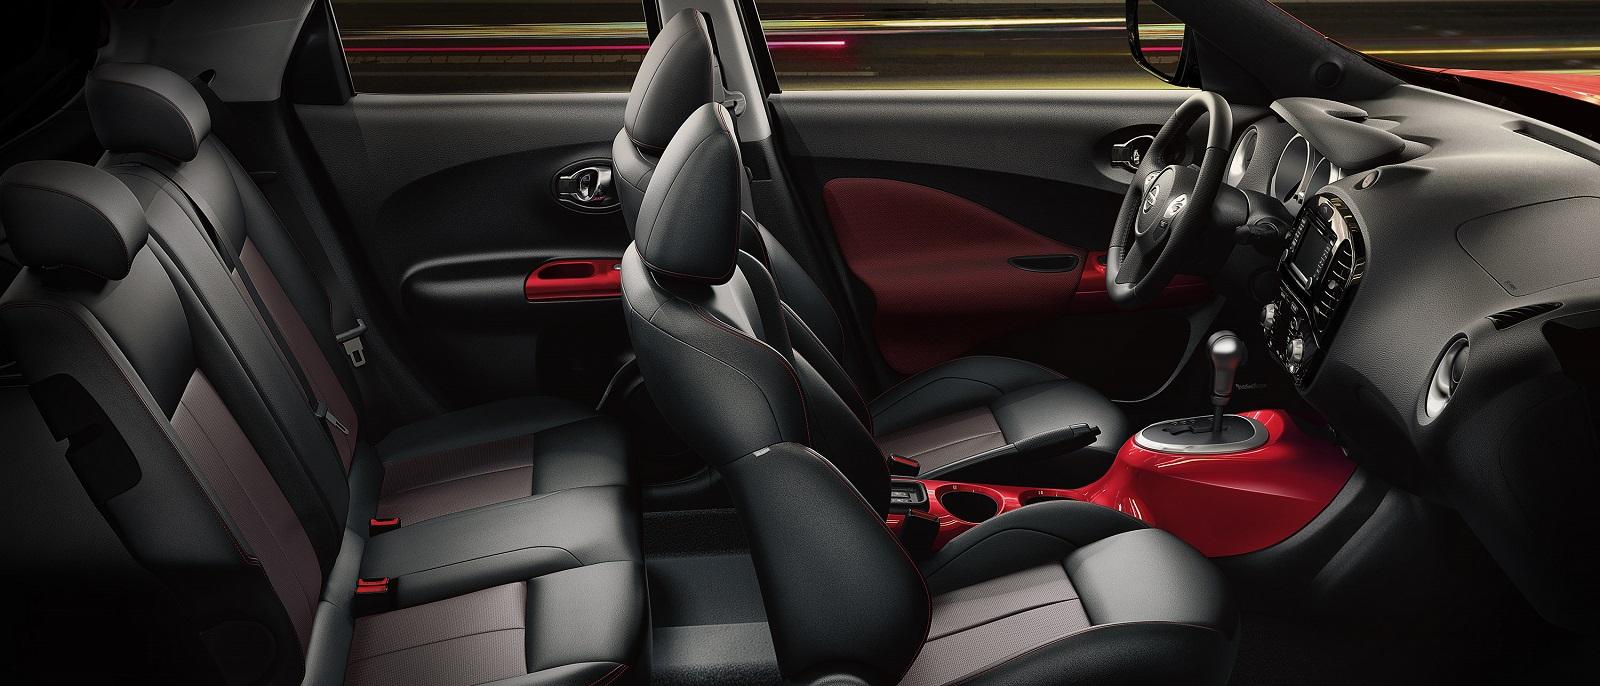 2014-Nissan-Juke